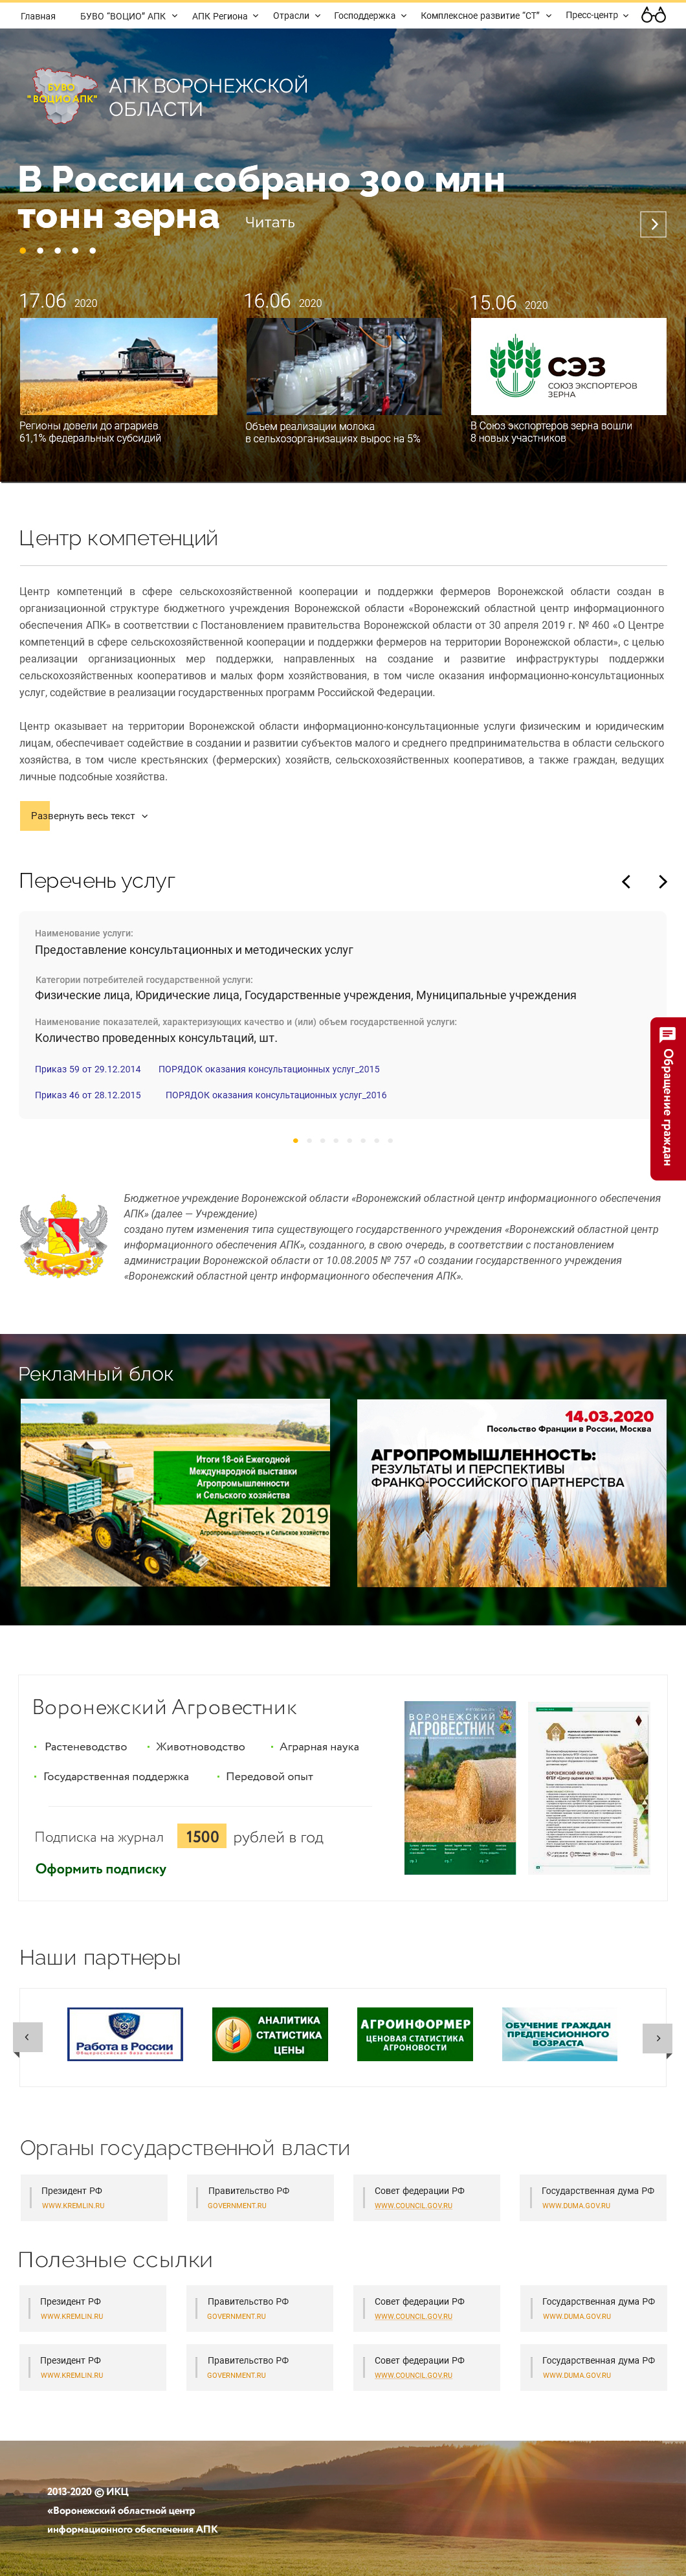 примеры сайтов предприятий Воронежский областной центр информационного обеспечения АПК 1000 px